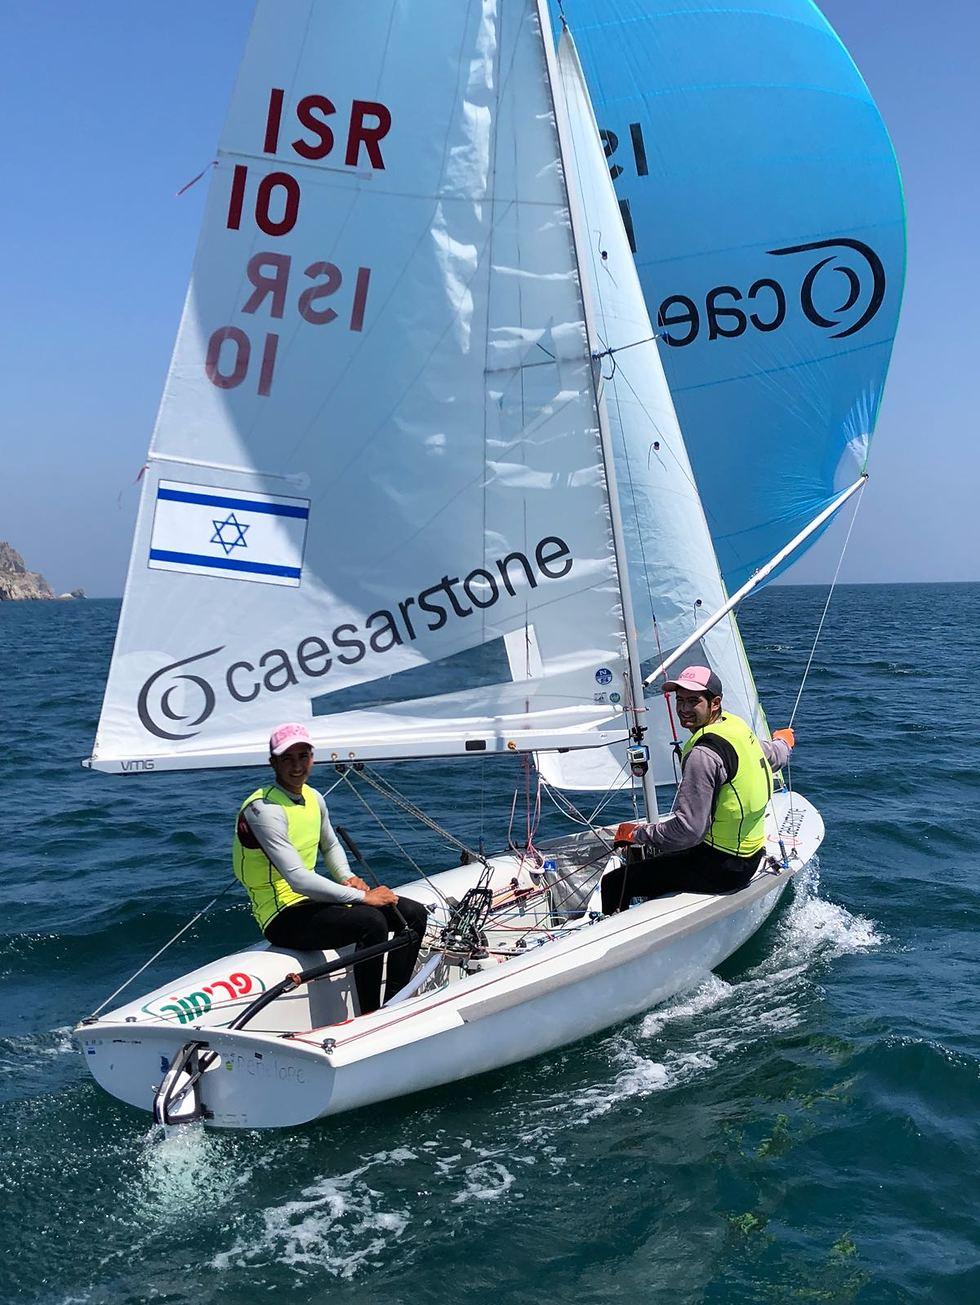 מאור עבו ויואב רוז באליפות אירופה עד גיל 23 בפורטוגל (צילום: איגוד השייט)